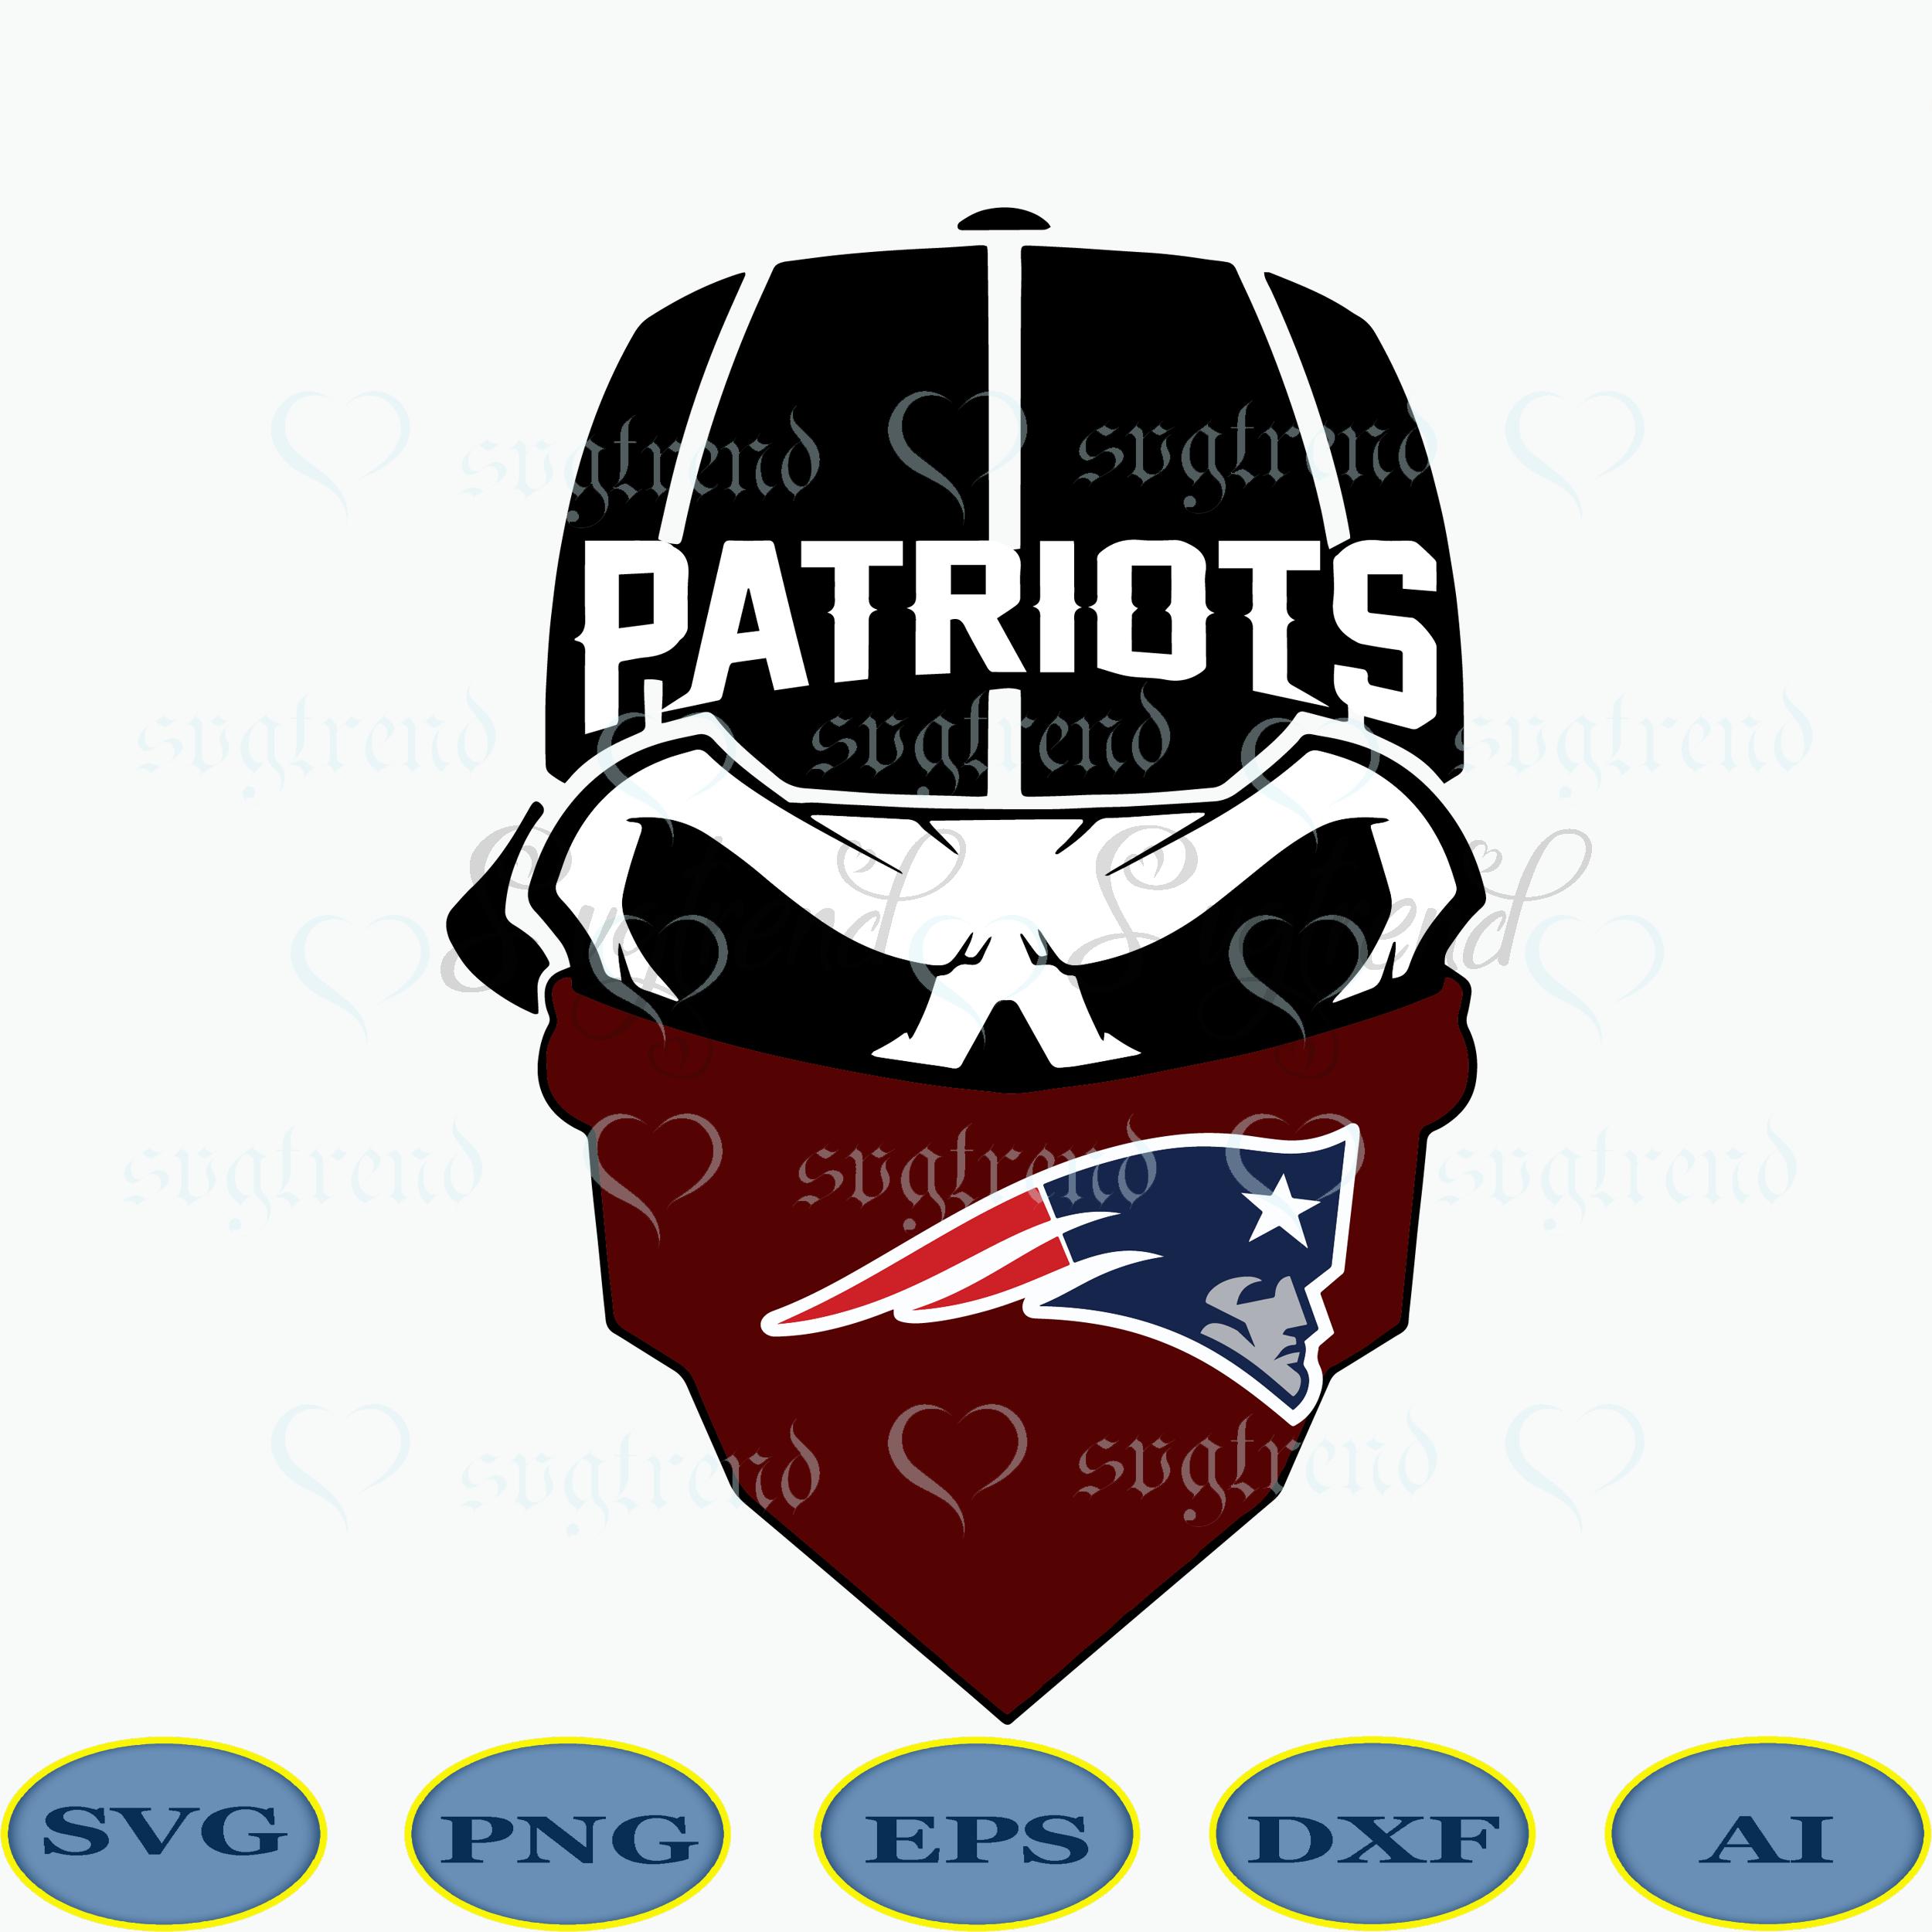 Patriots Nfl Skull Svg New England Patriots Svg Patriots Png Patriots Vector Patriots Svg Patriots Logo Nfl Svg Nfl Football Svg By Svgtrend 2 99 Usd I 2020